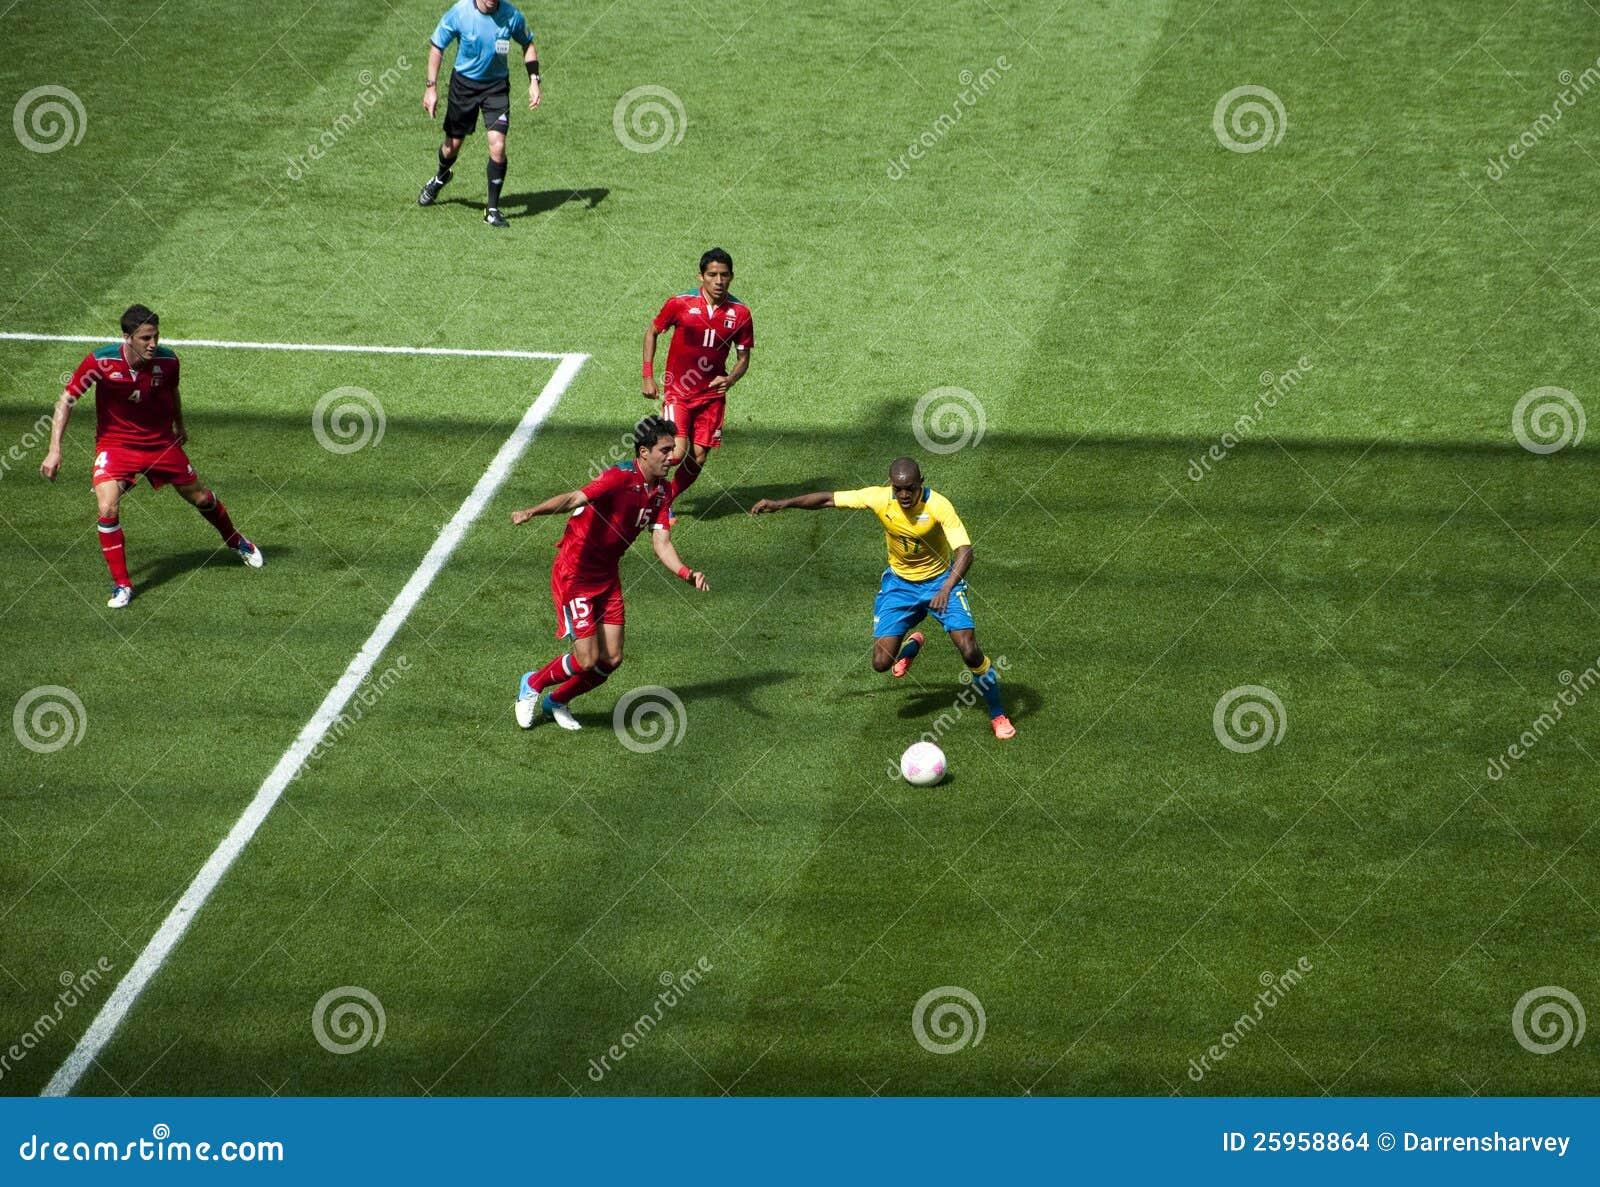 Mexiko gegen Gabun in den Londonolympics 2012